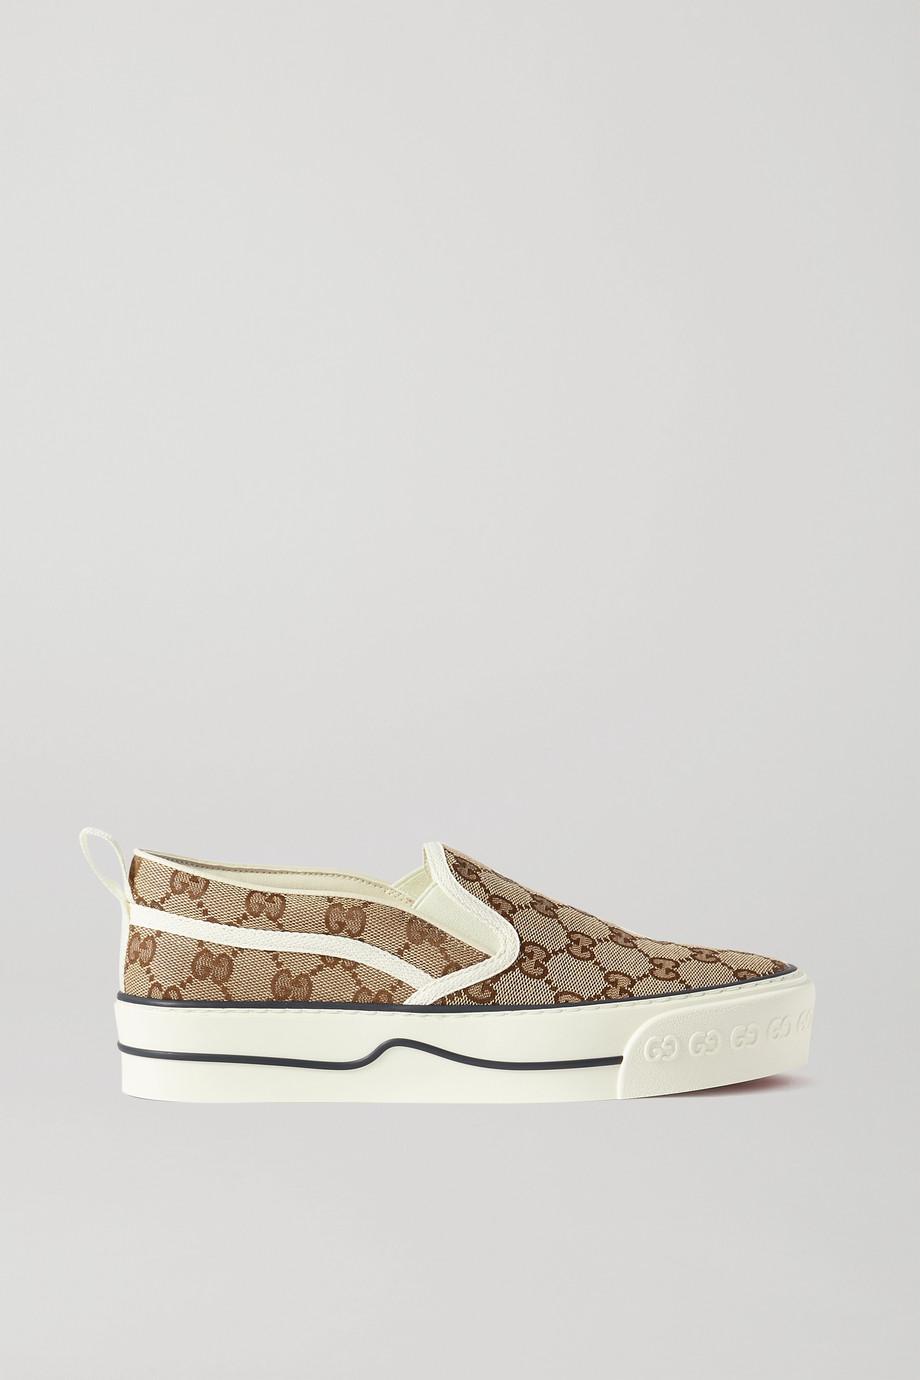 Gucci Tennis 1977 印花帆布套穿运动鞋